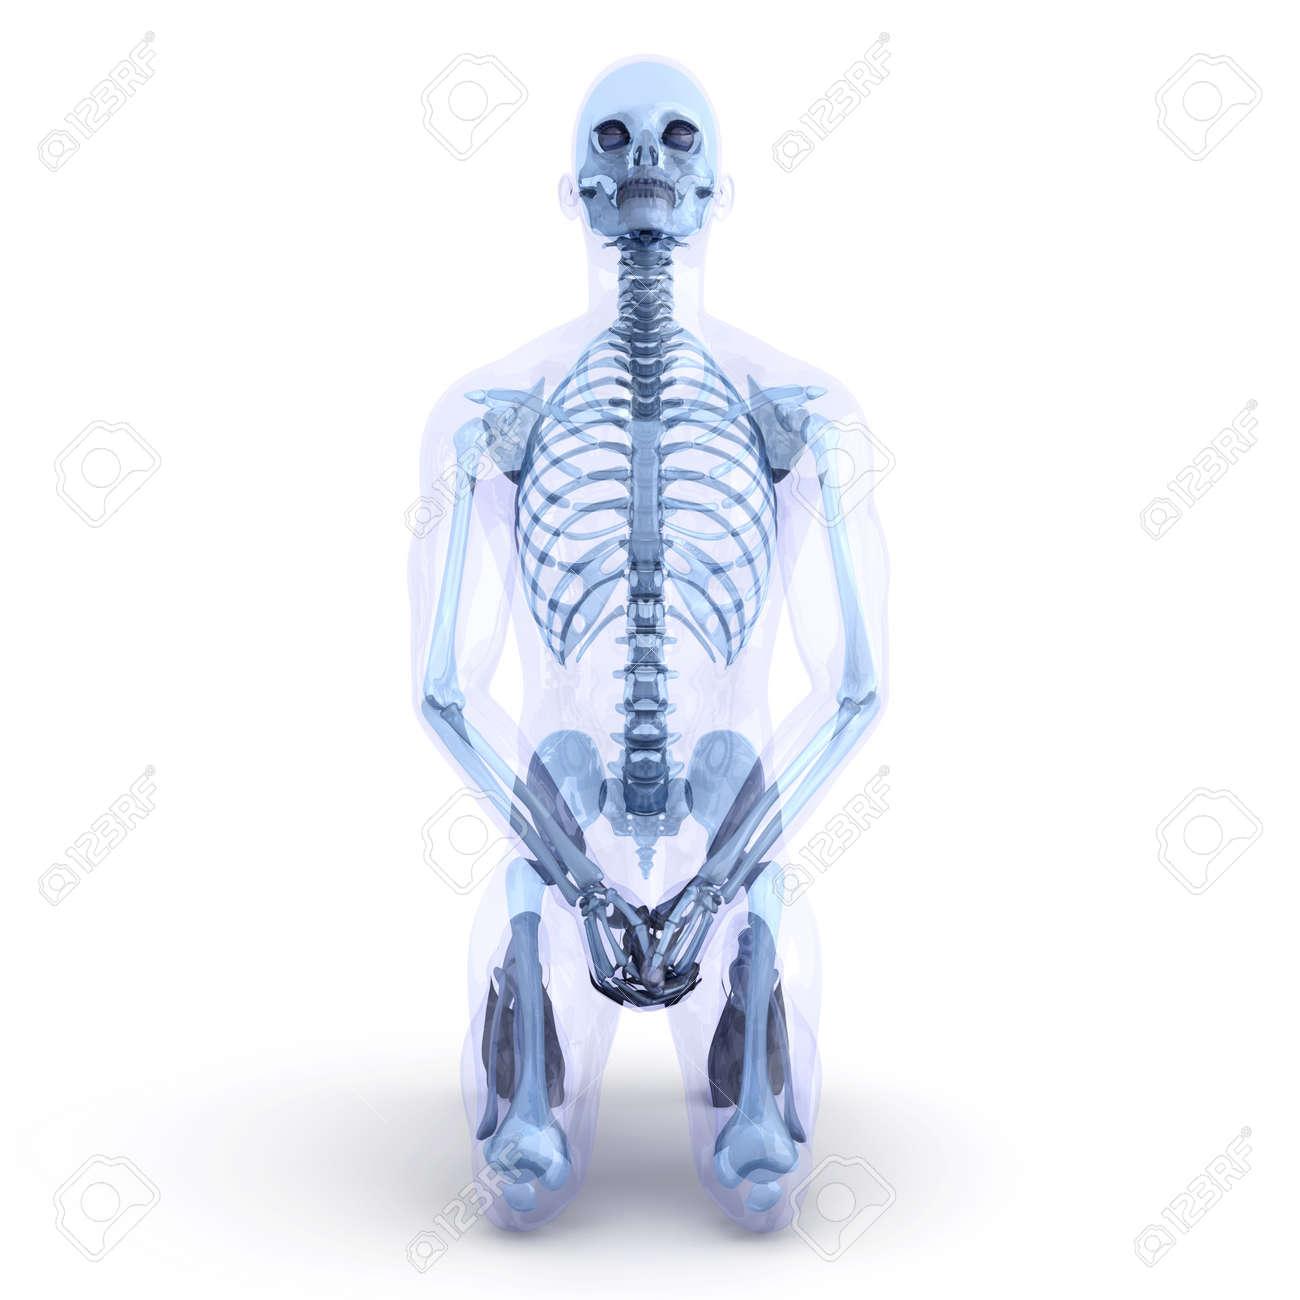 Fantástico Cuerpo Visual Anatomía 3d Embellecimiento - Imágenes de ...